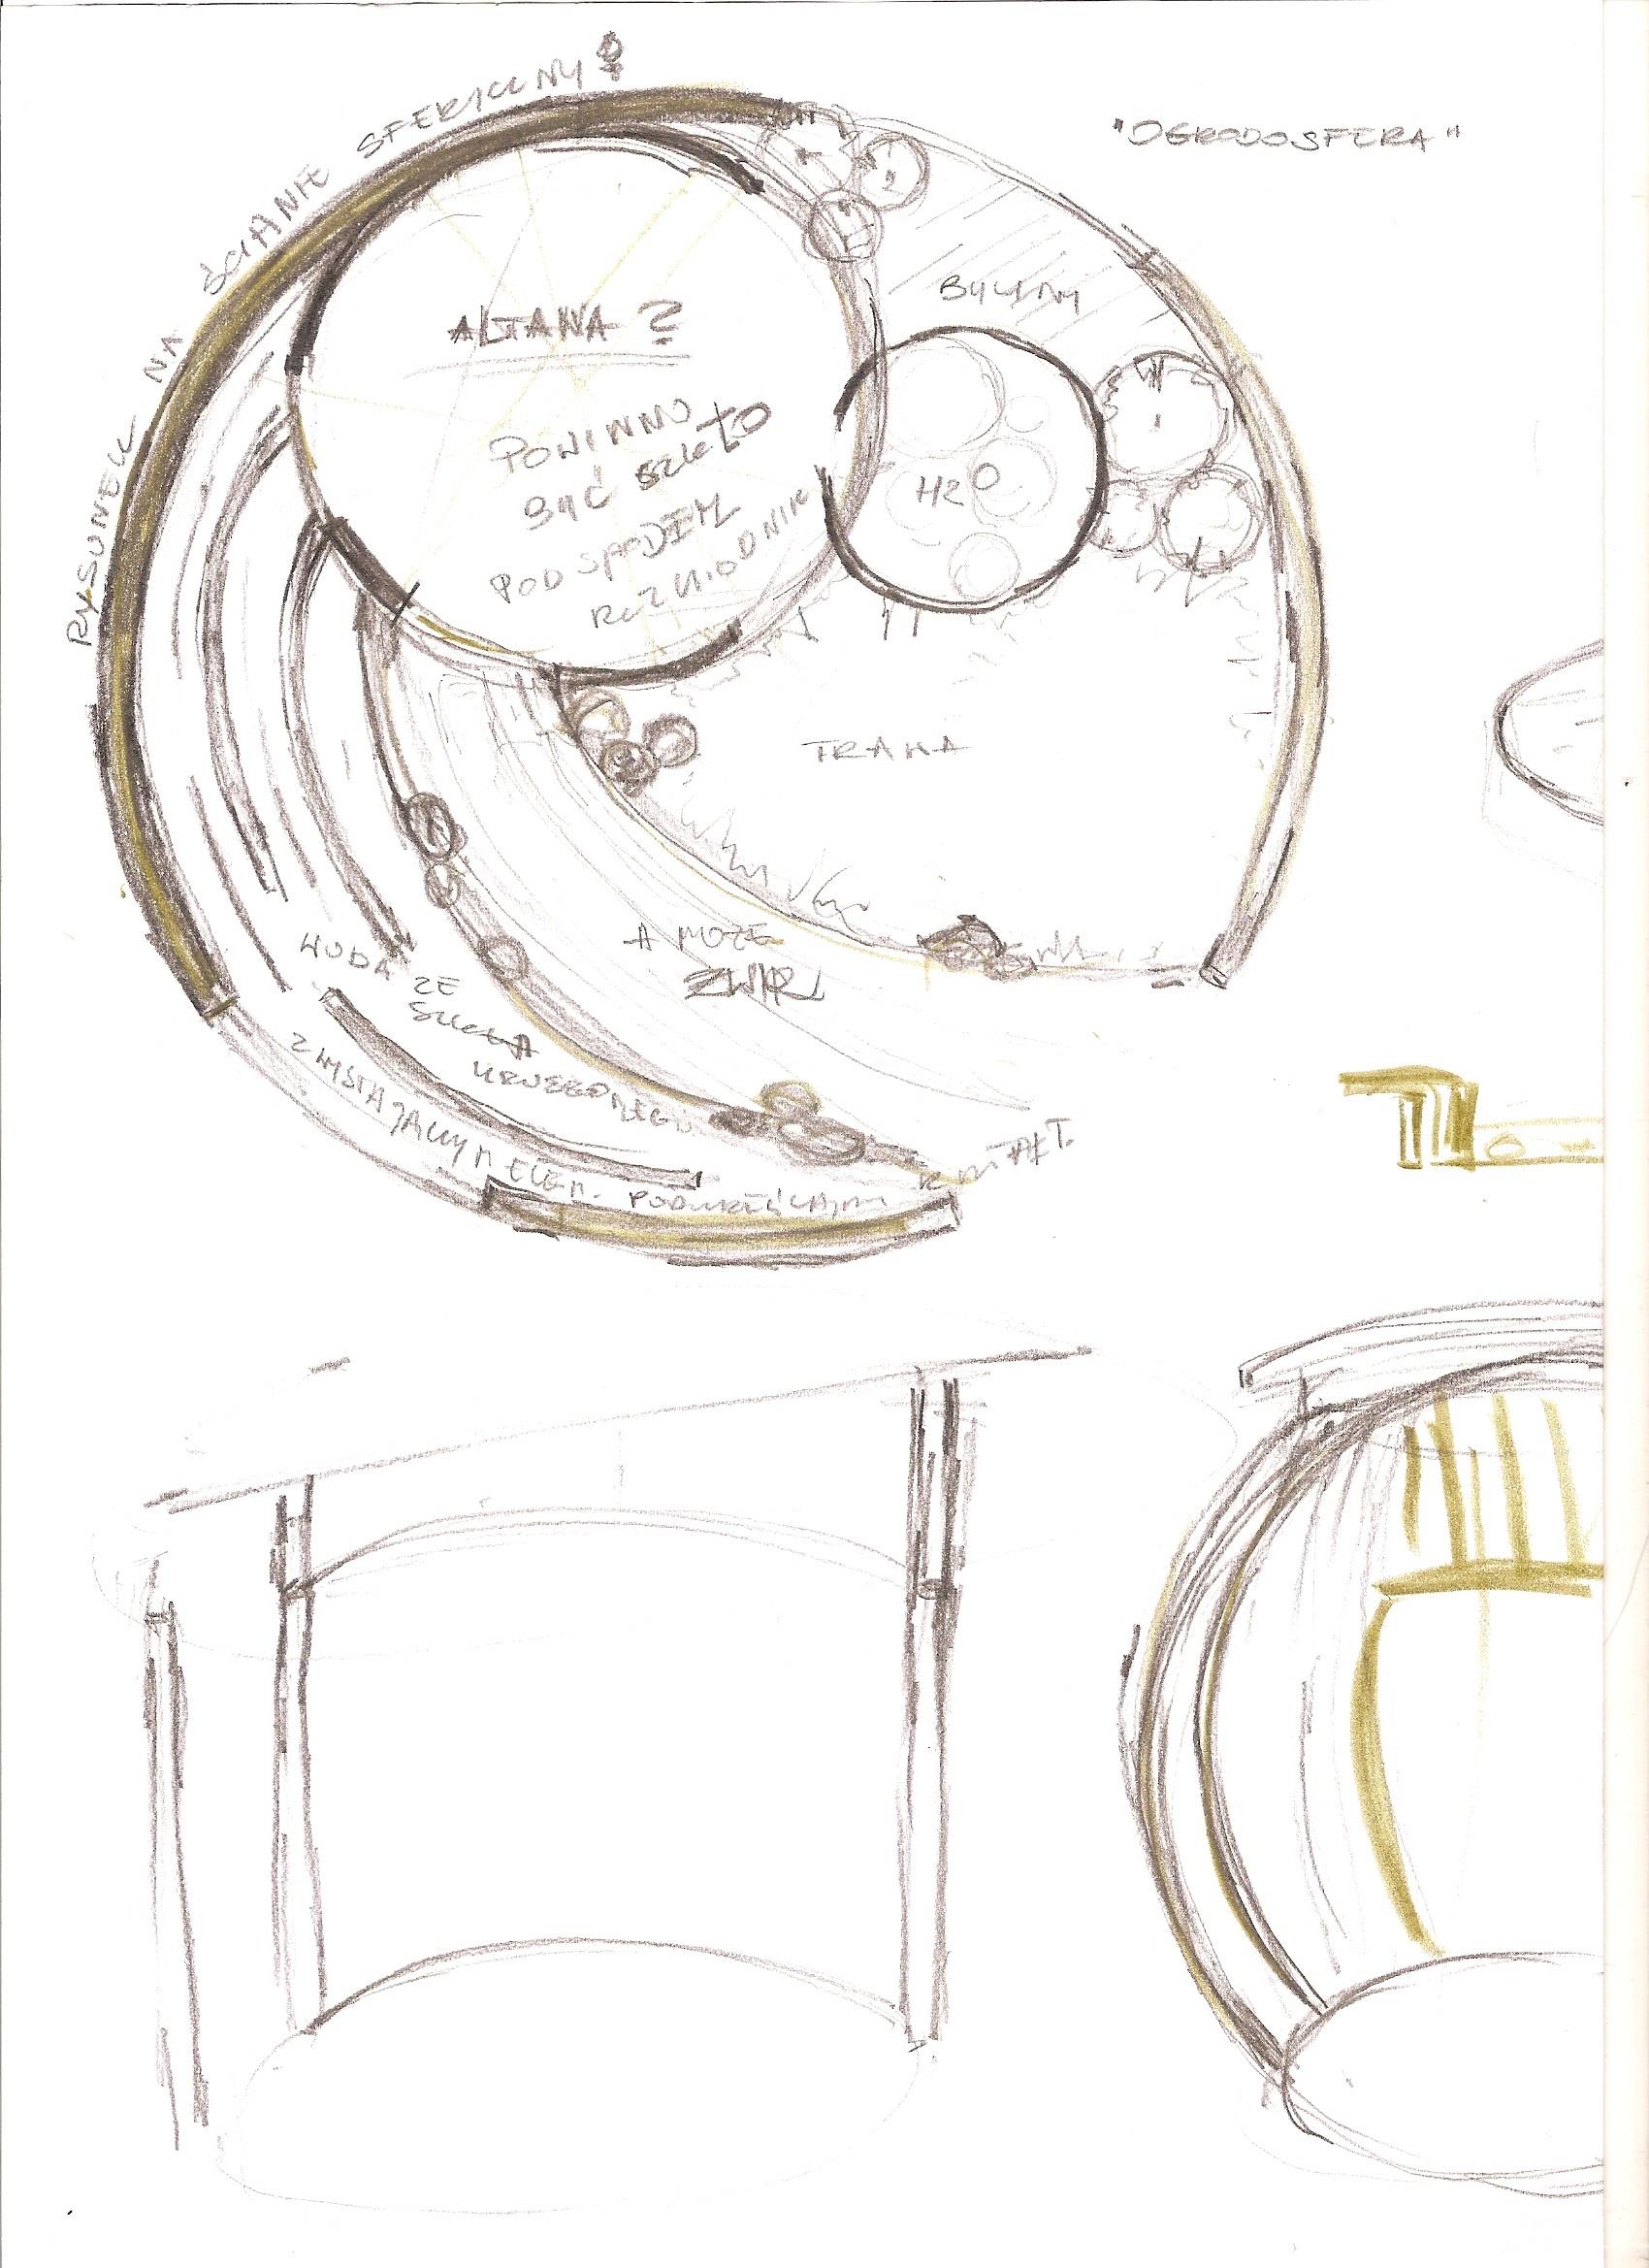 2011-04-04_Bolestraszyce_koncepcja